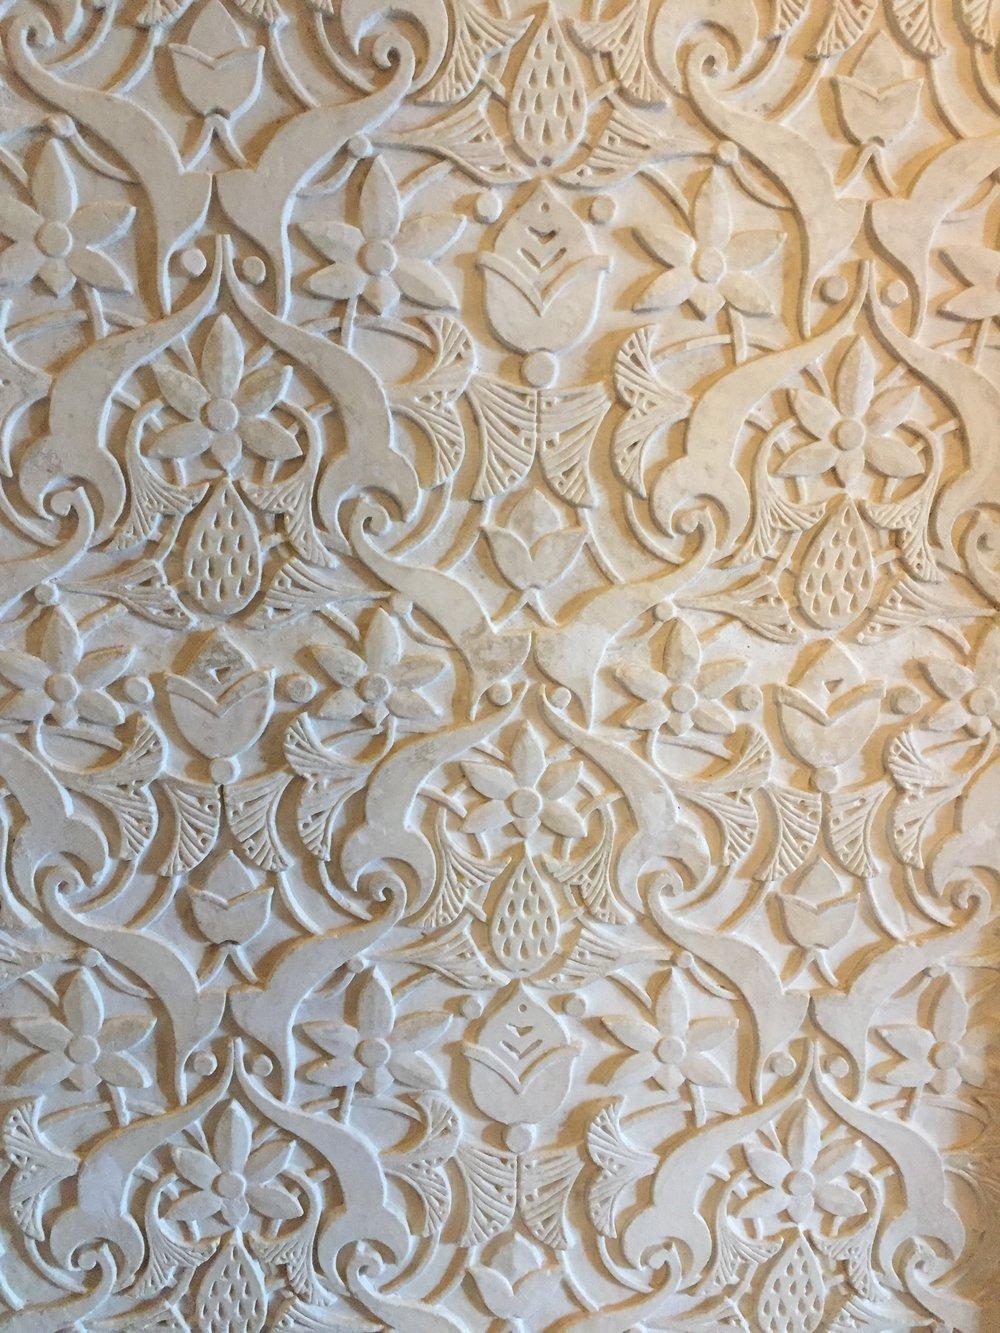 ....e nas paredes, conferem um ar delicado e feminino ao Palácio, mesmo com dimensões monumentais.